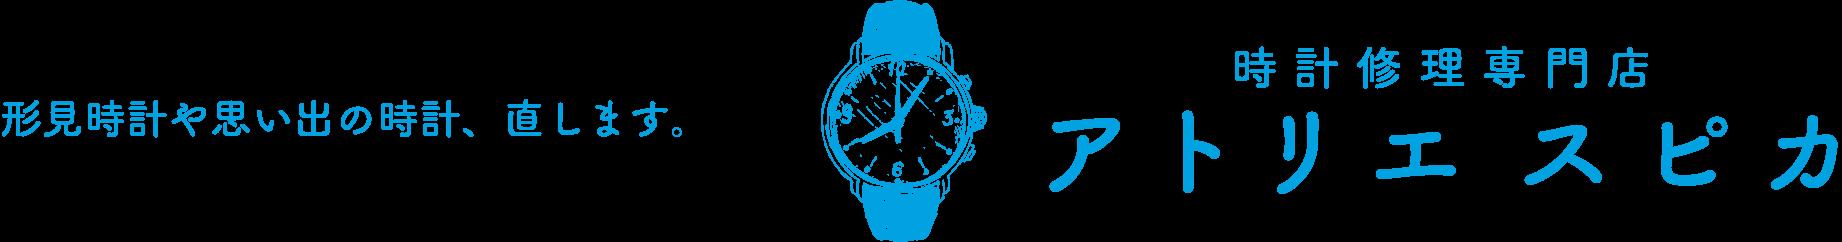 腕時計修理専門店【アトリエ スピカ】